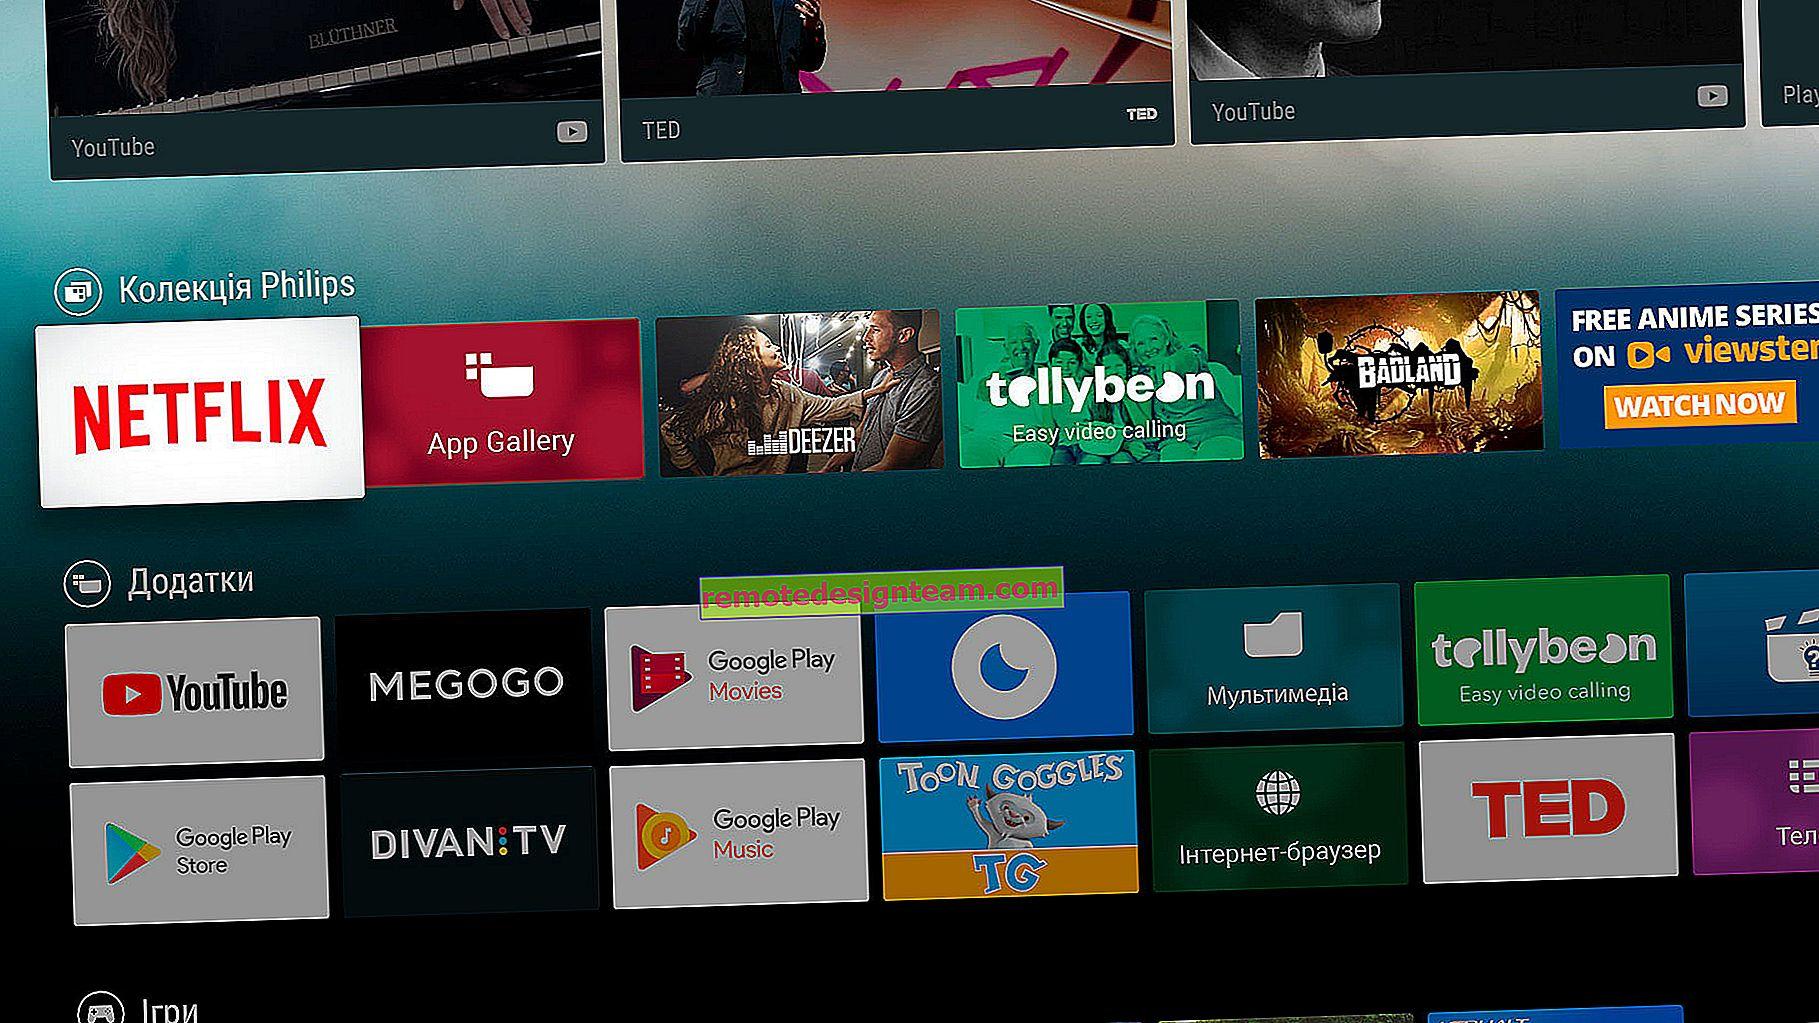 Jak zaktualizować oprogramowanie sprzętowe (oprogramowanie) telewizora Philips w Android TV?